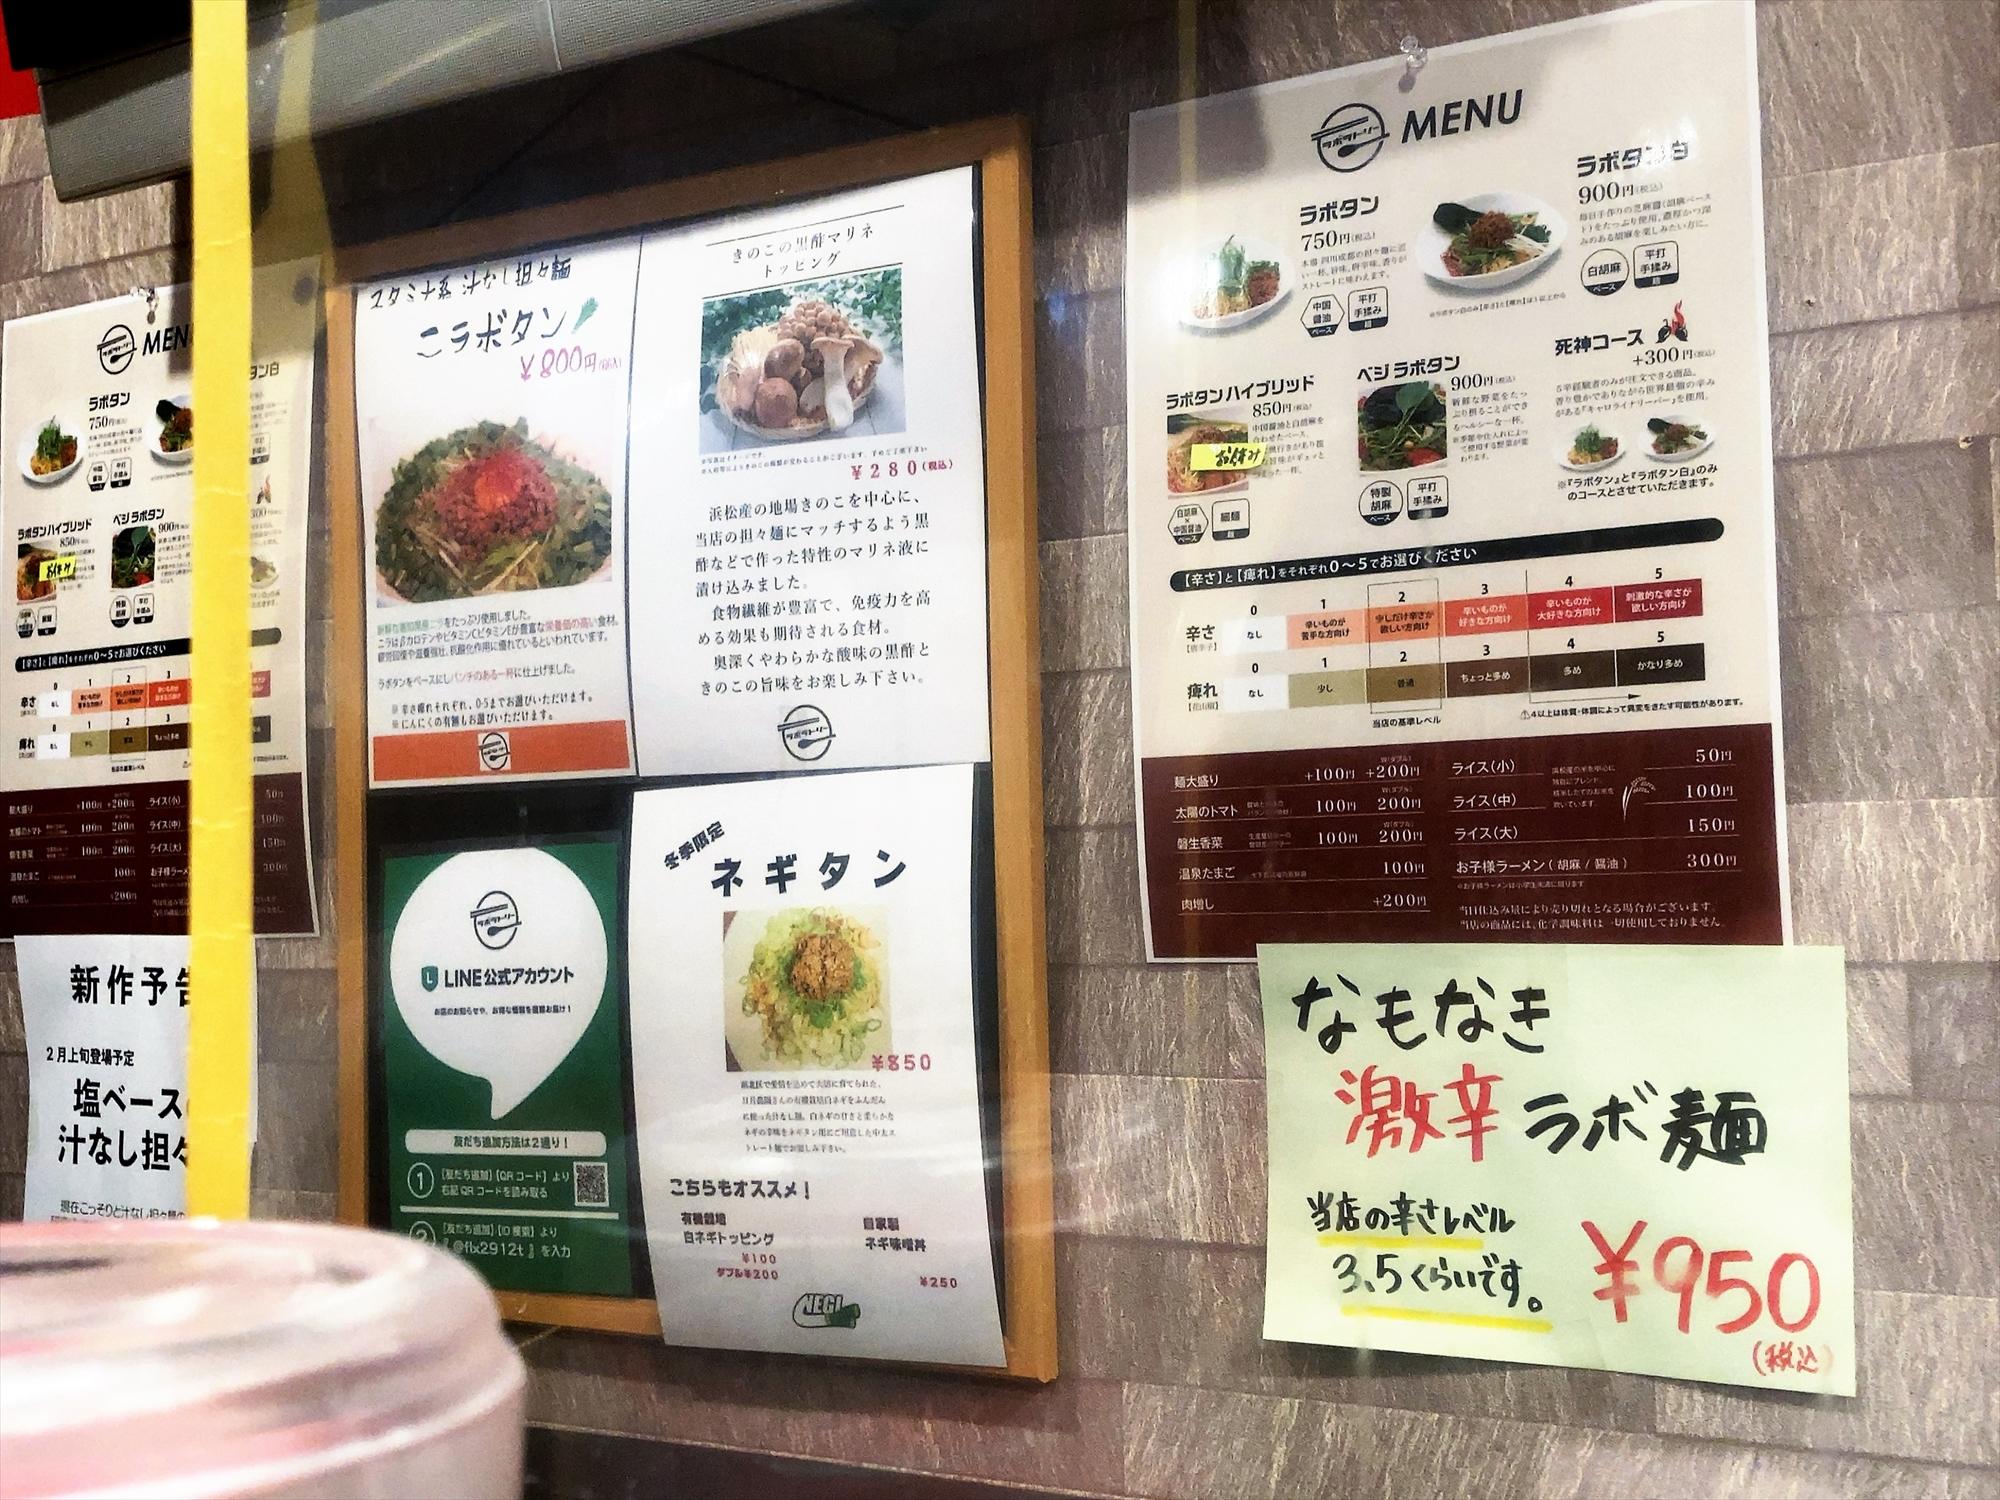 汁なし担々麺っぽい専門店 ラボラトリーのメニュー